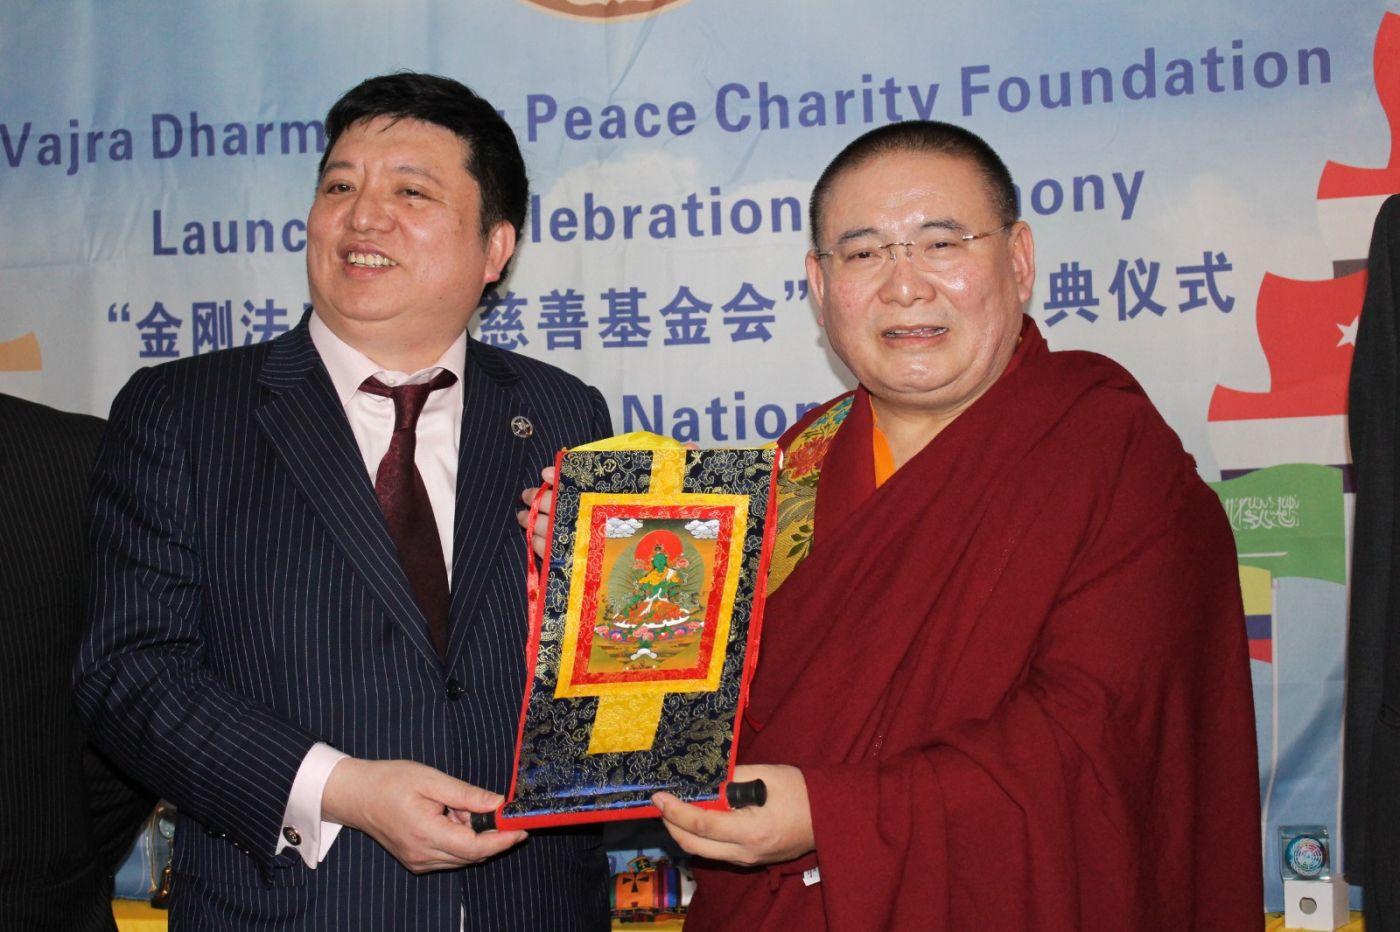 """""""金刚法王和平慈善基金会""""启动庆典仪式在联合国一号举行 ..._图1-11"""